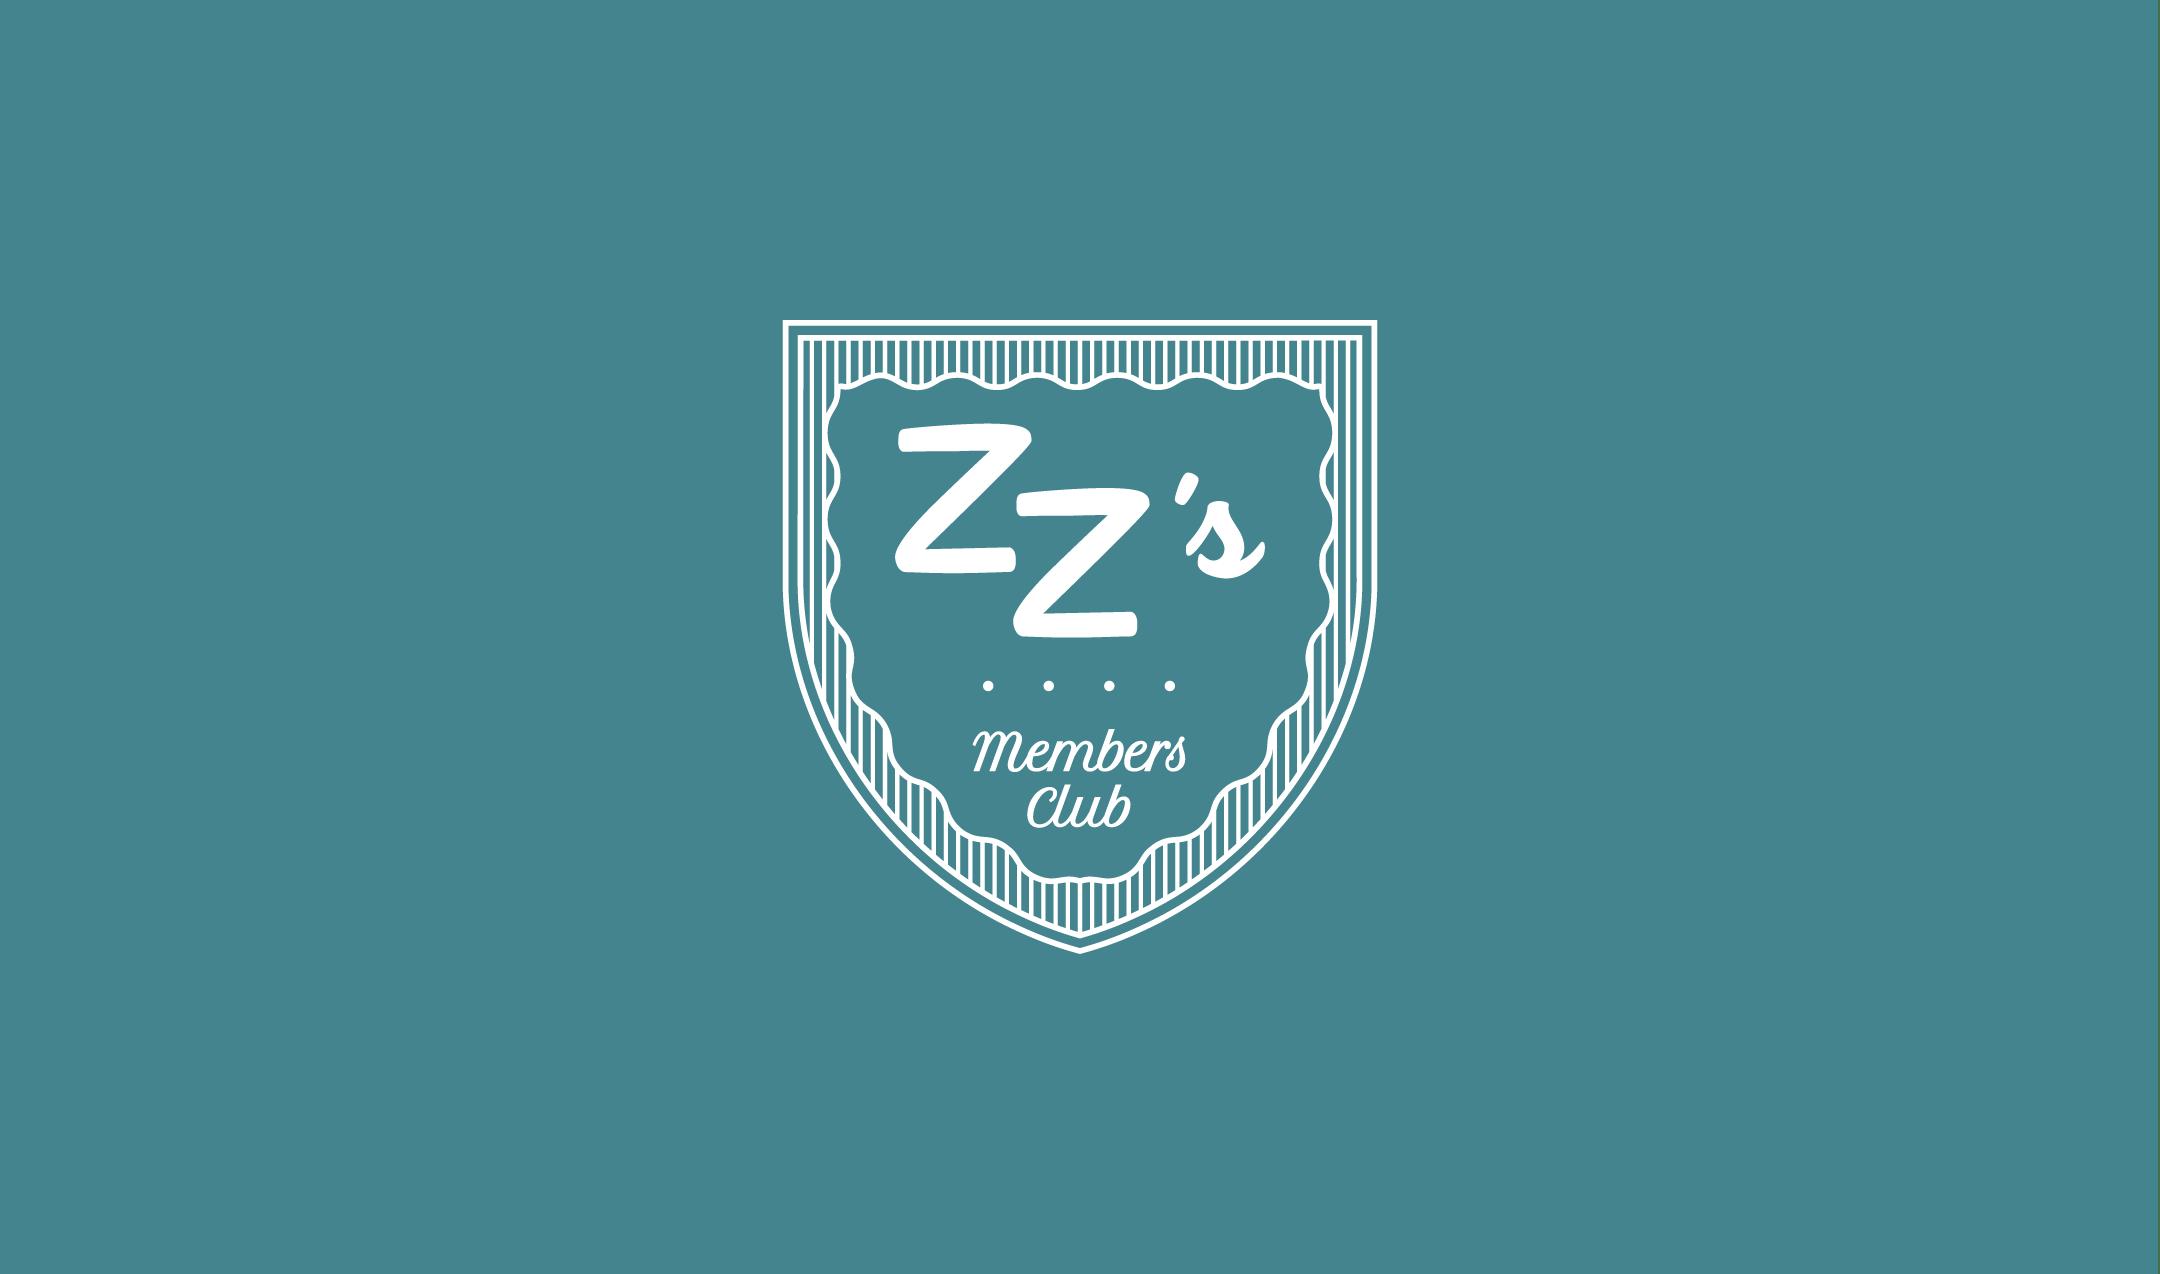 KarenMessing-ZZSushiClub-1